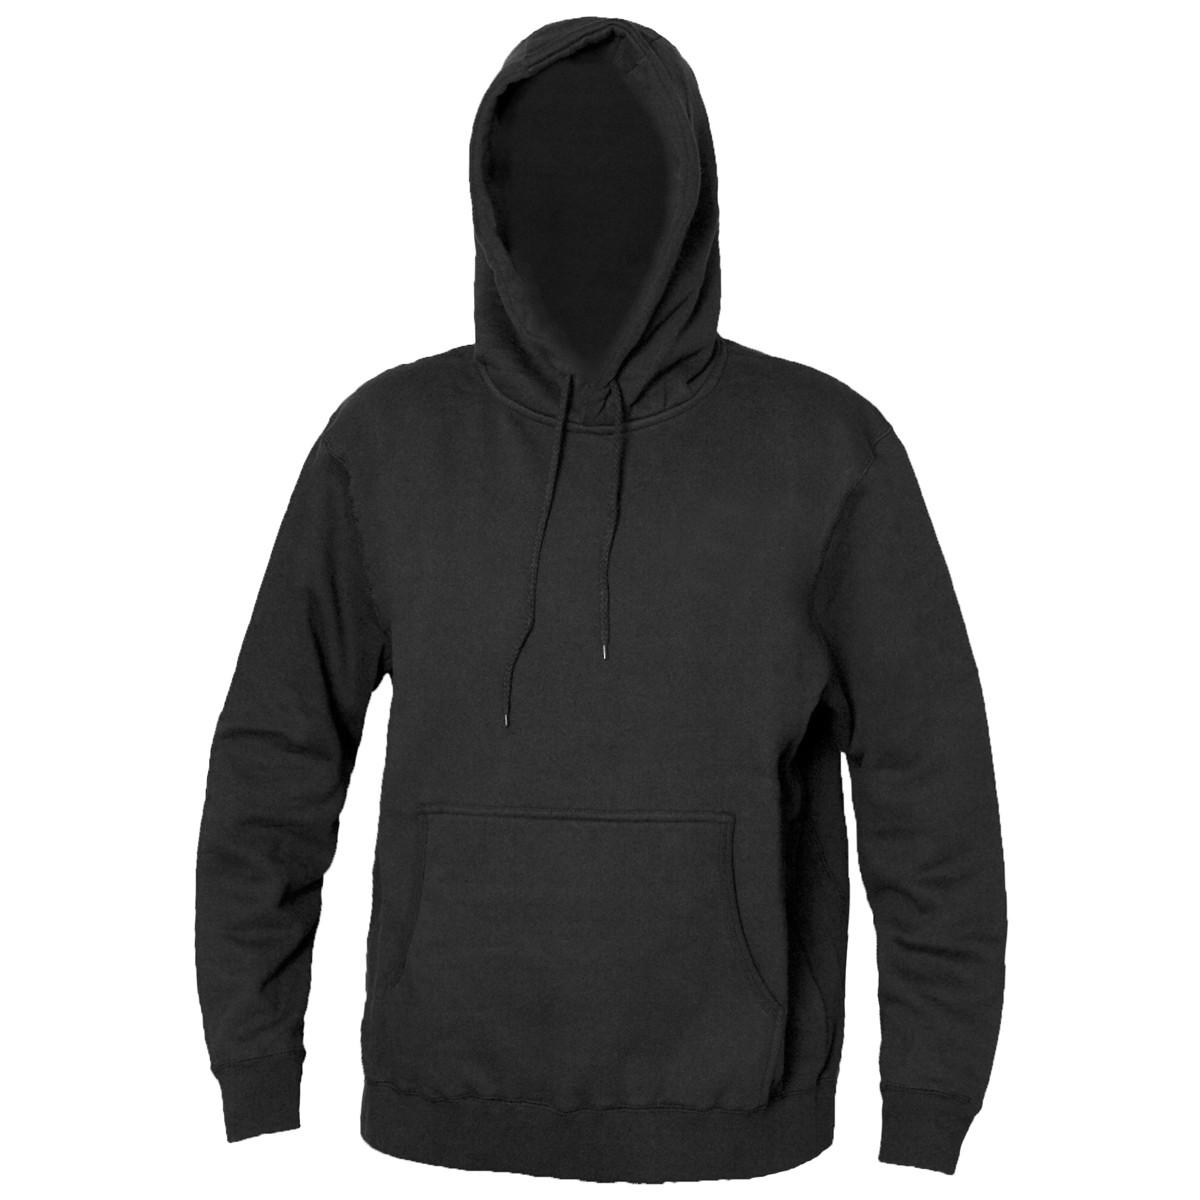 Blank Black Hoodie - ClipArt Best